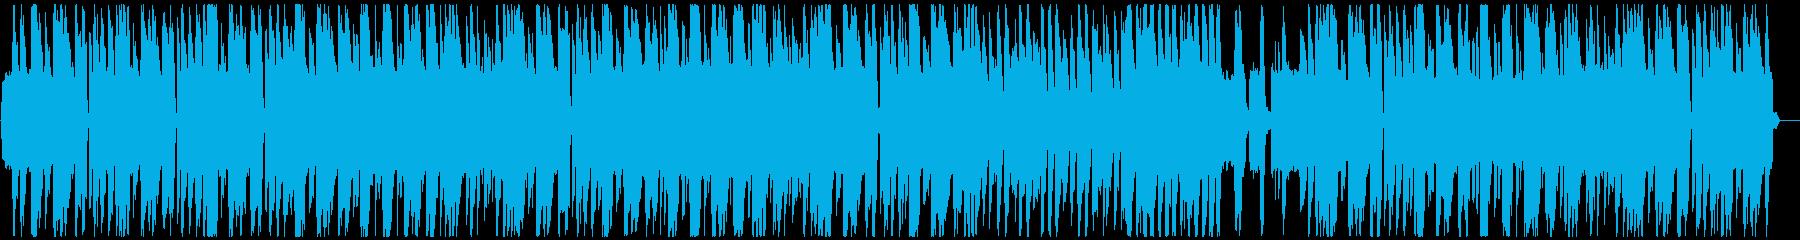 テンション高めなエリーゼのために-1分の再生済みの波形